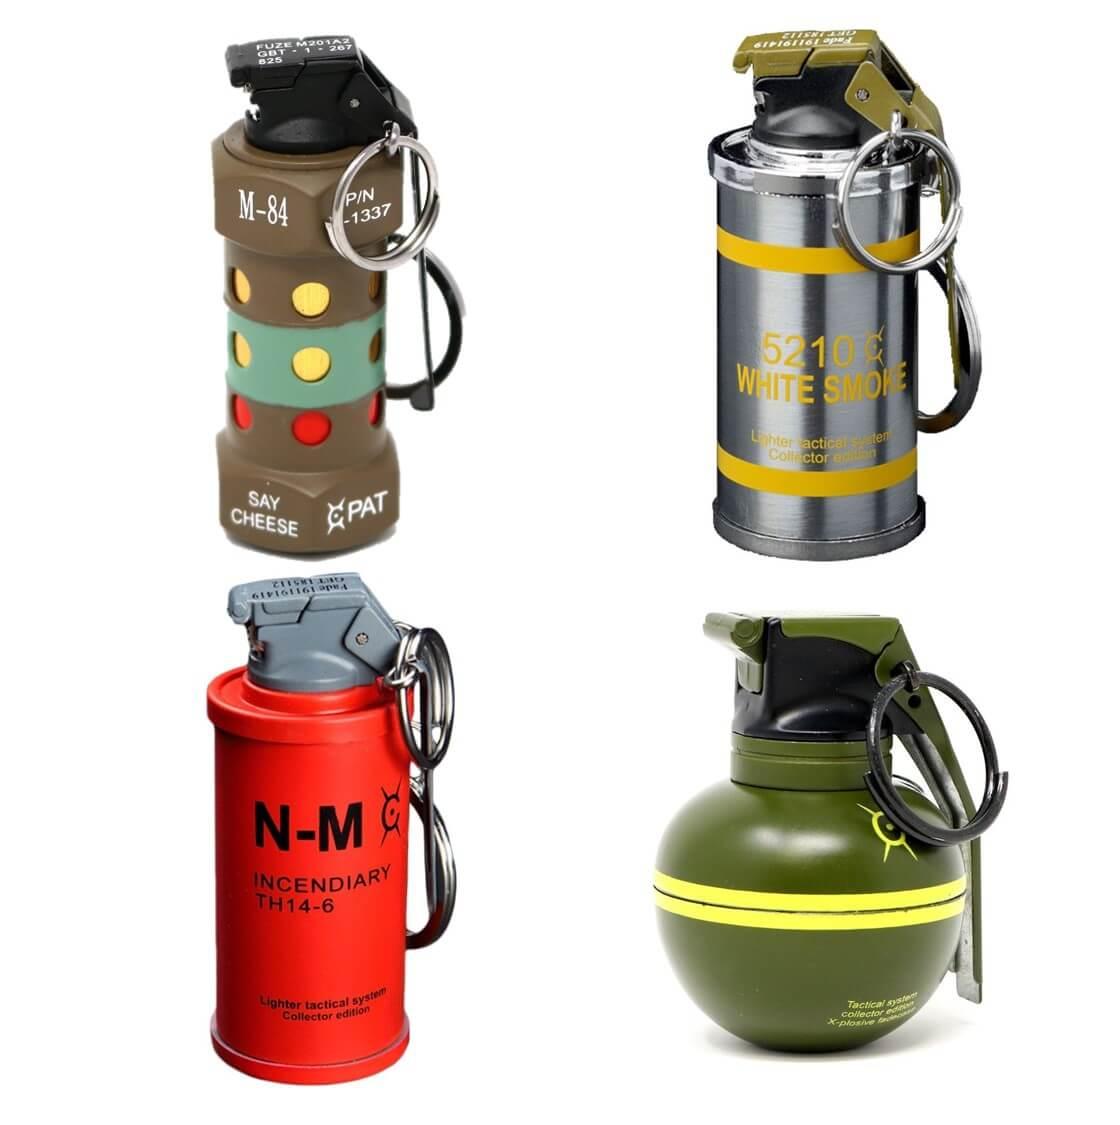 4 feuerzeuge im granaten design ein geschenk das m nner wollen auf was maenner. Black Bedroom Furniture Sets. Home Design Ideas